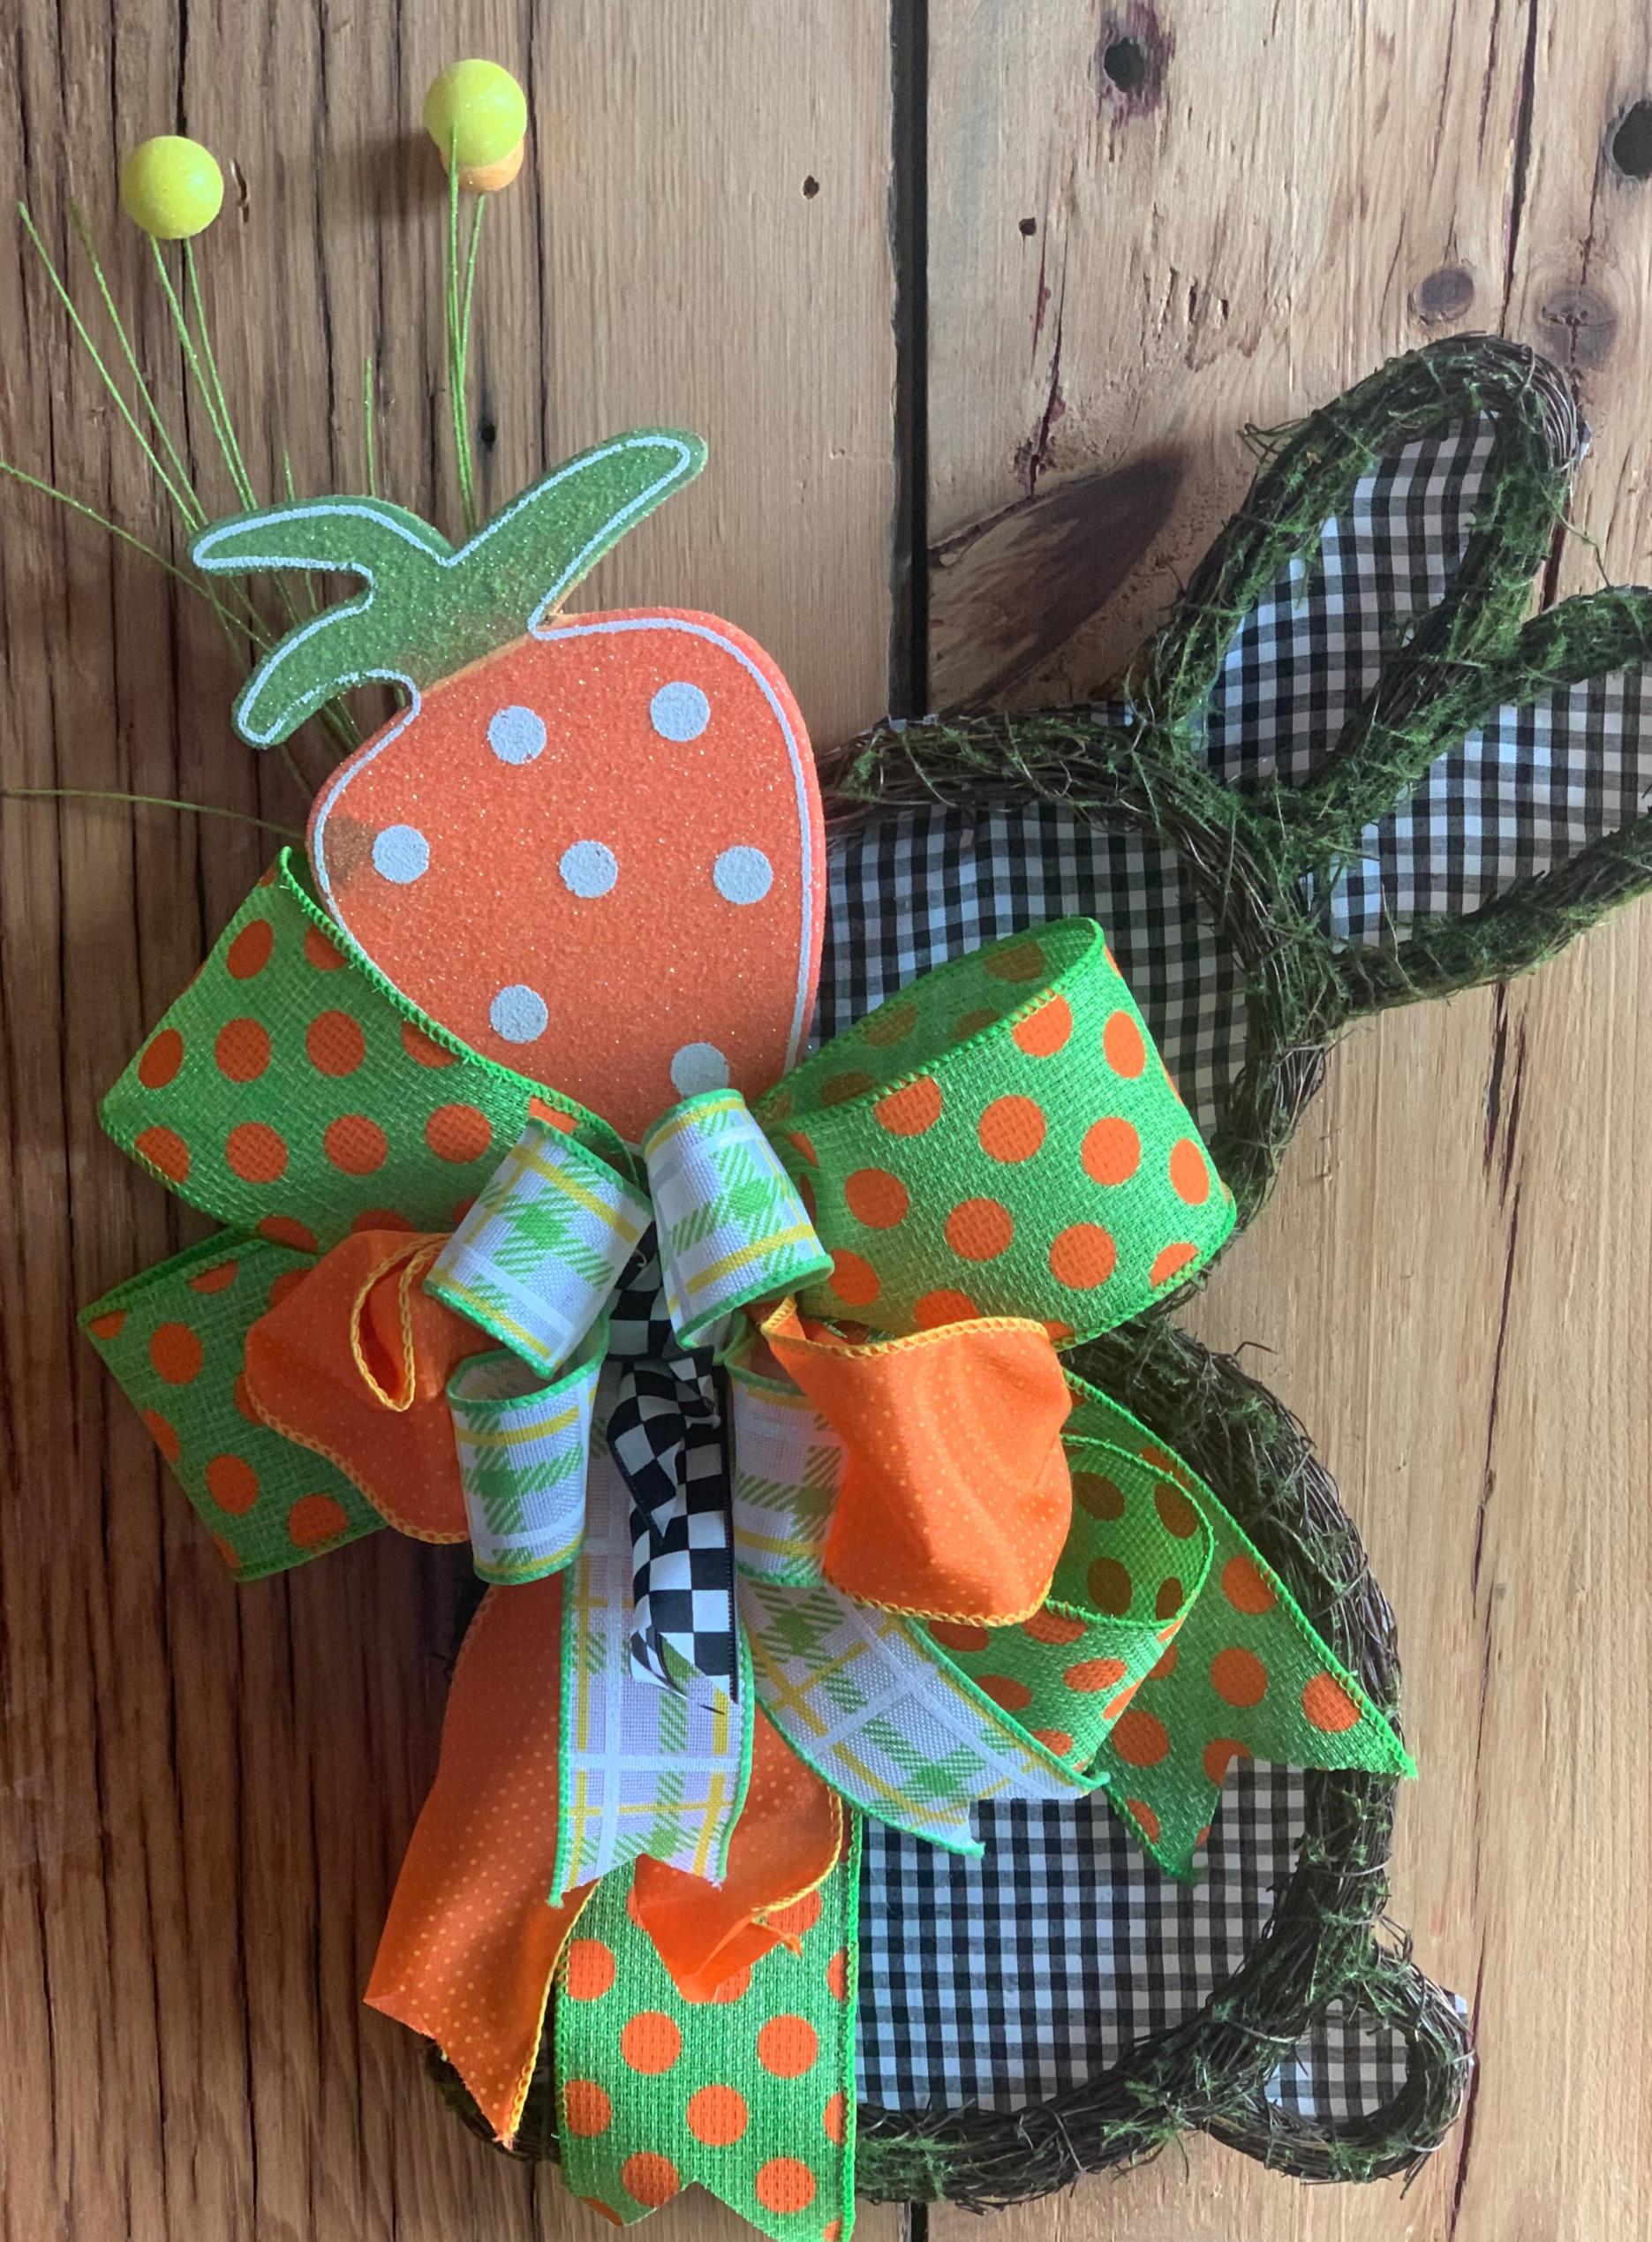 Bunny Wreath Class